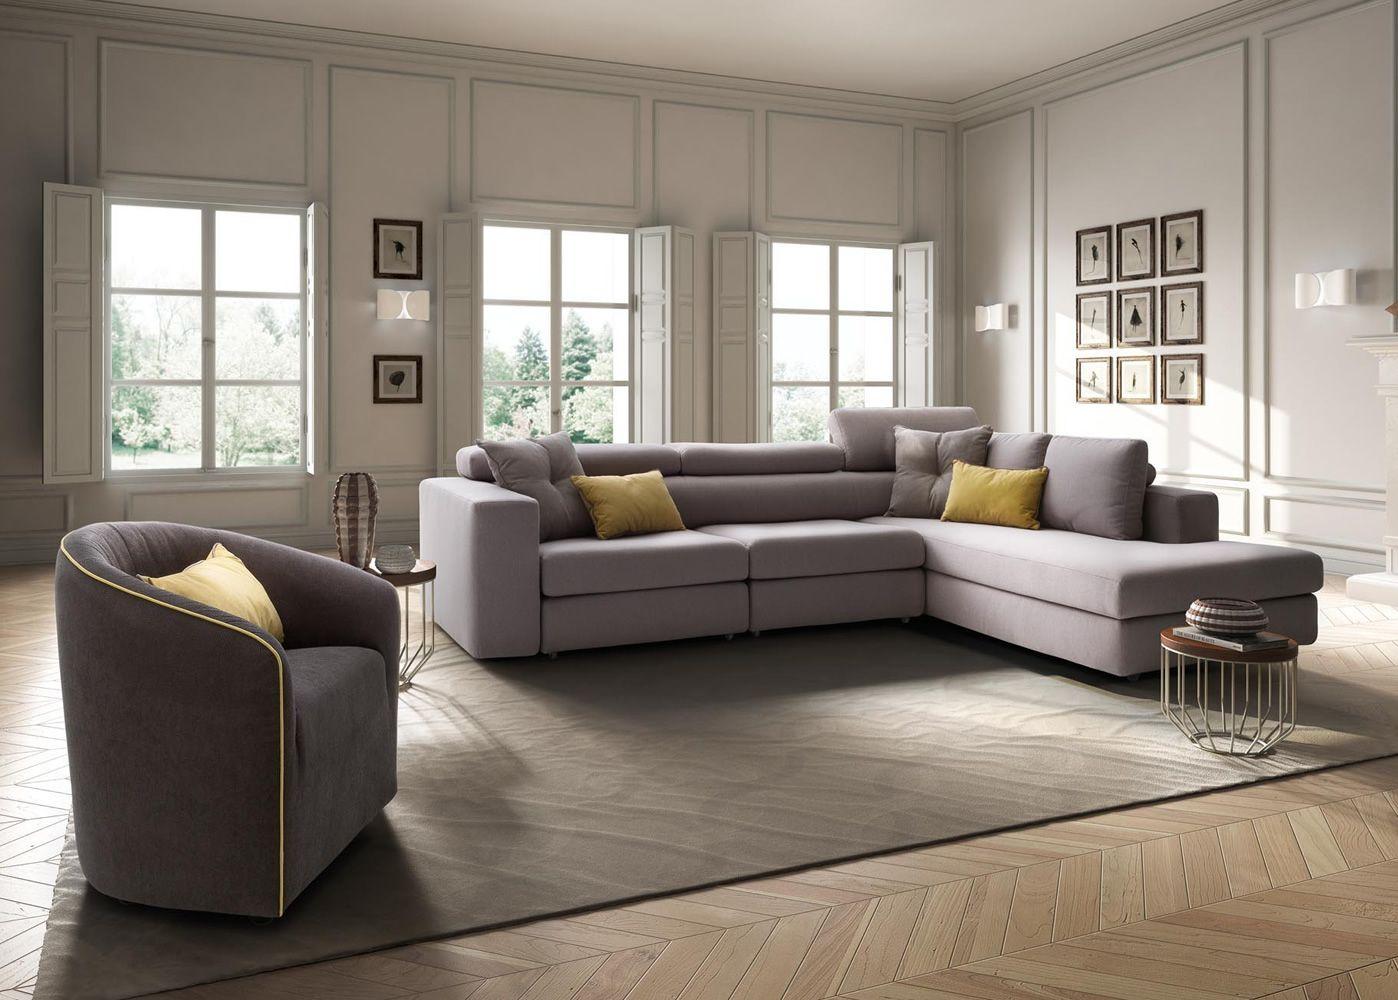 Paloma maxi canap places coulissantes avec chaise for Aureole sur canape tissu